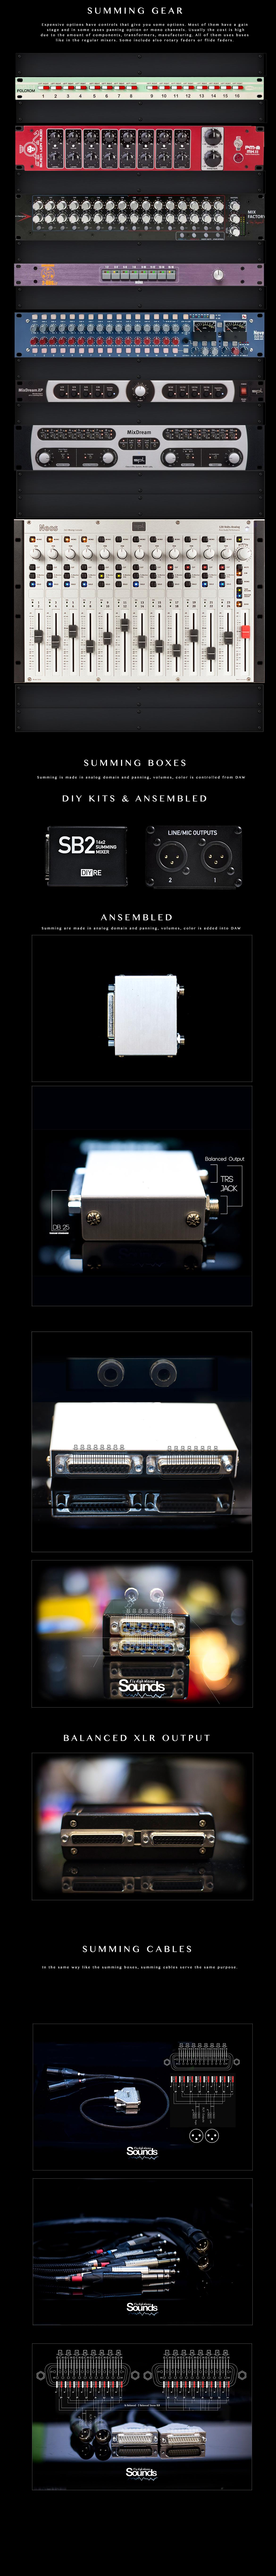 Analog Summing Mixers Box